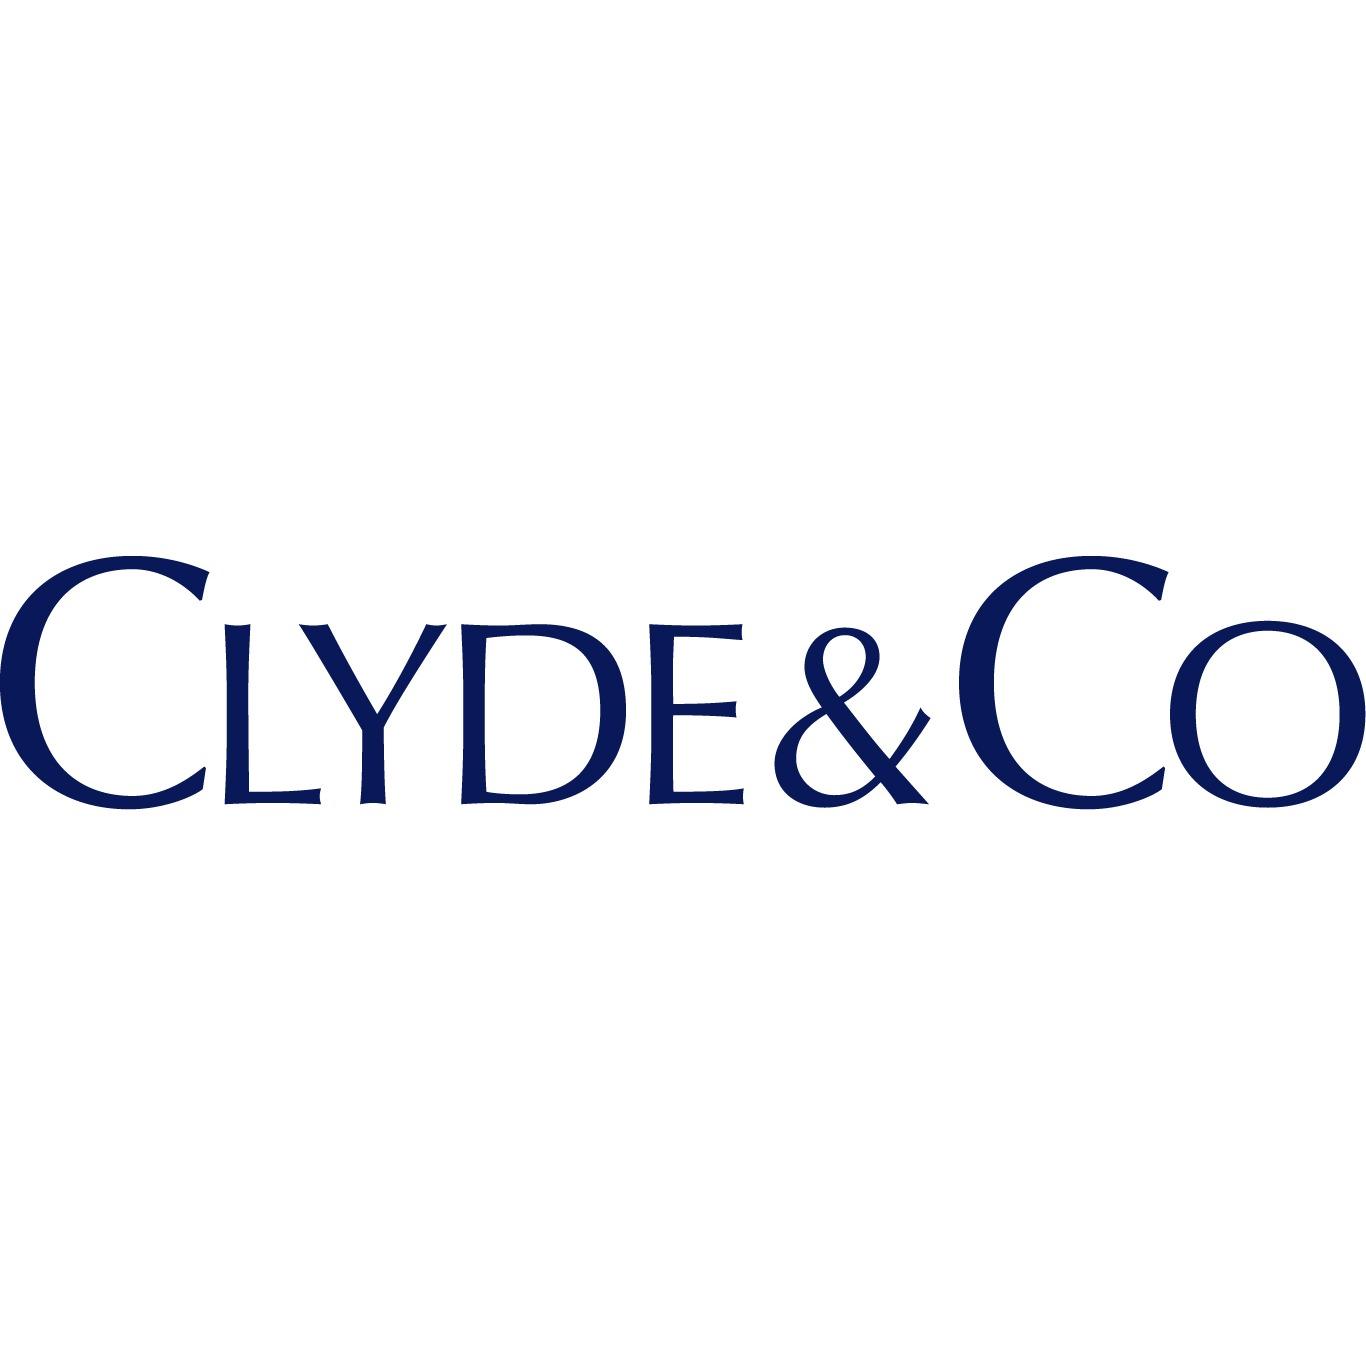 the Clyde & Co logo.